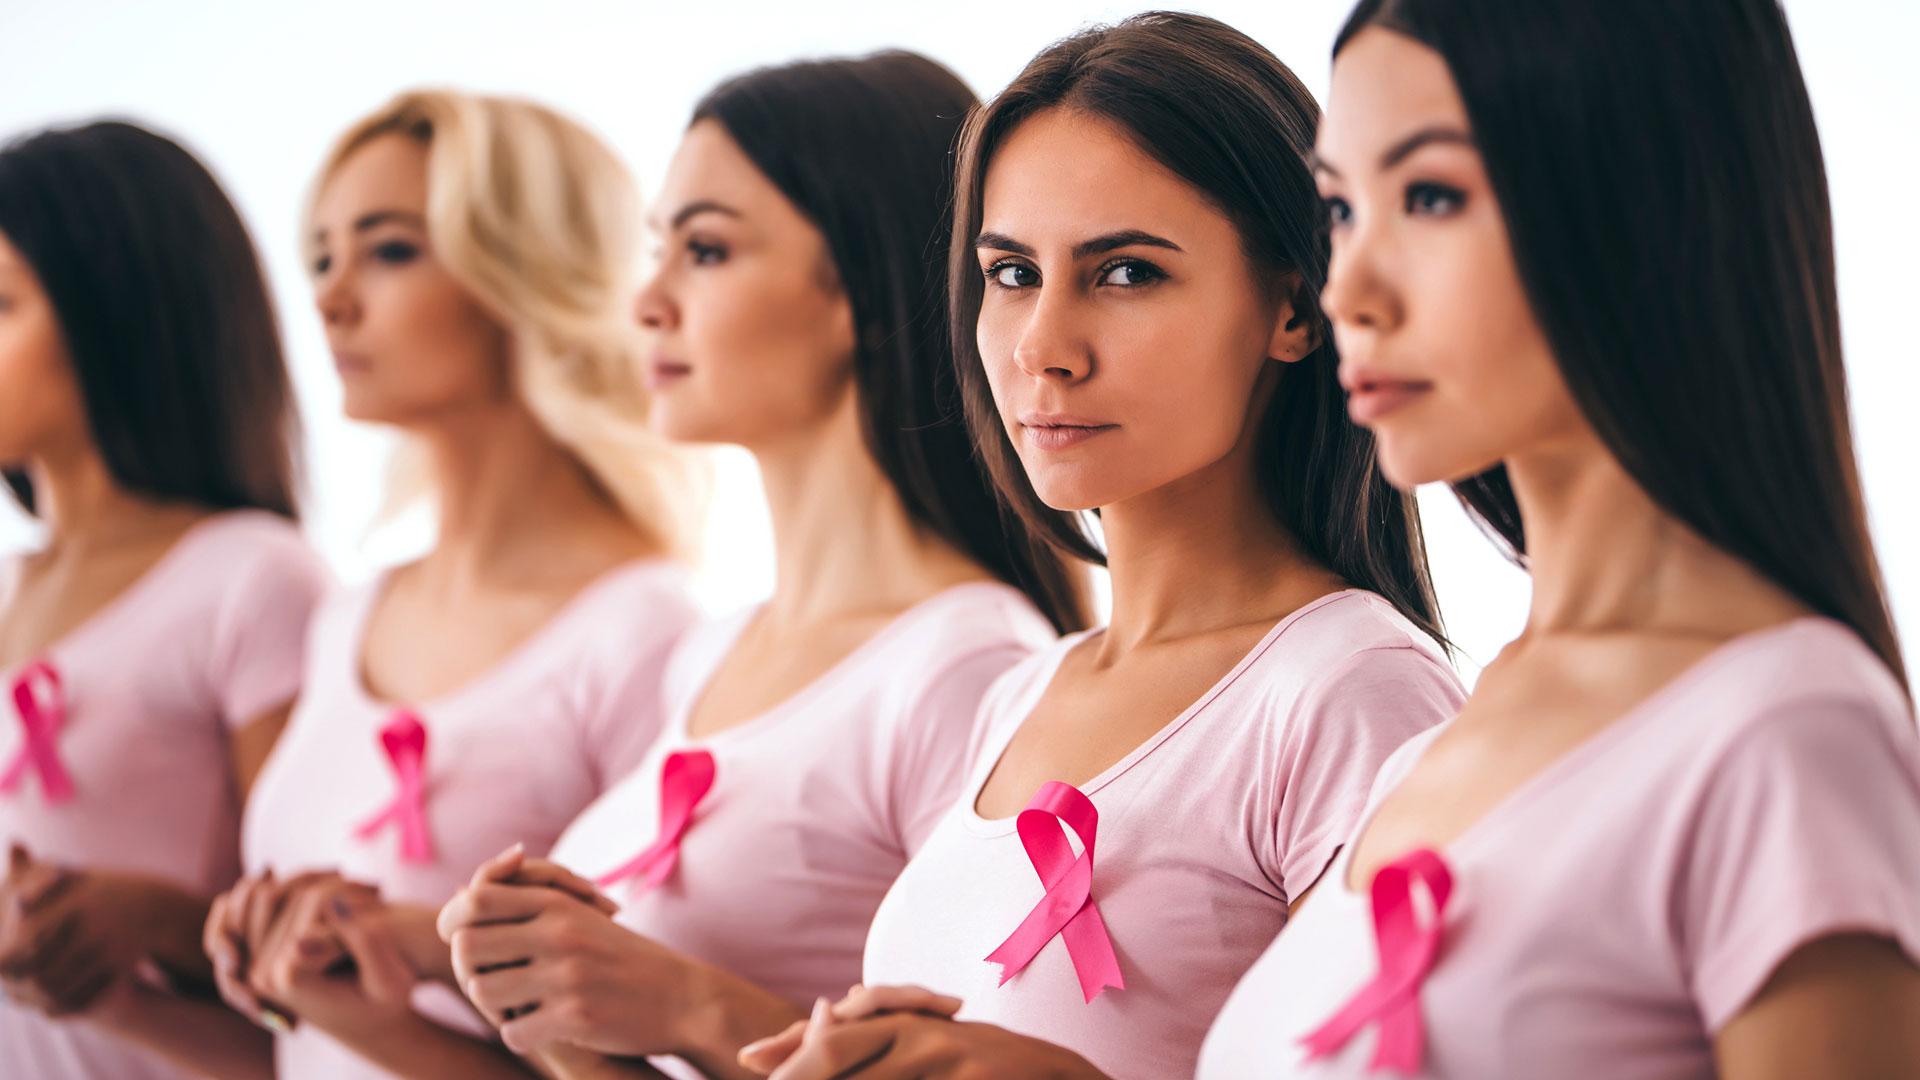 Hay que prestar atención a los síntomas precursores de cáncer de ovarios